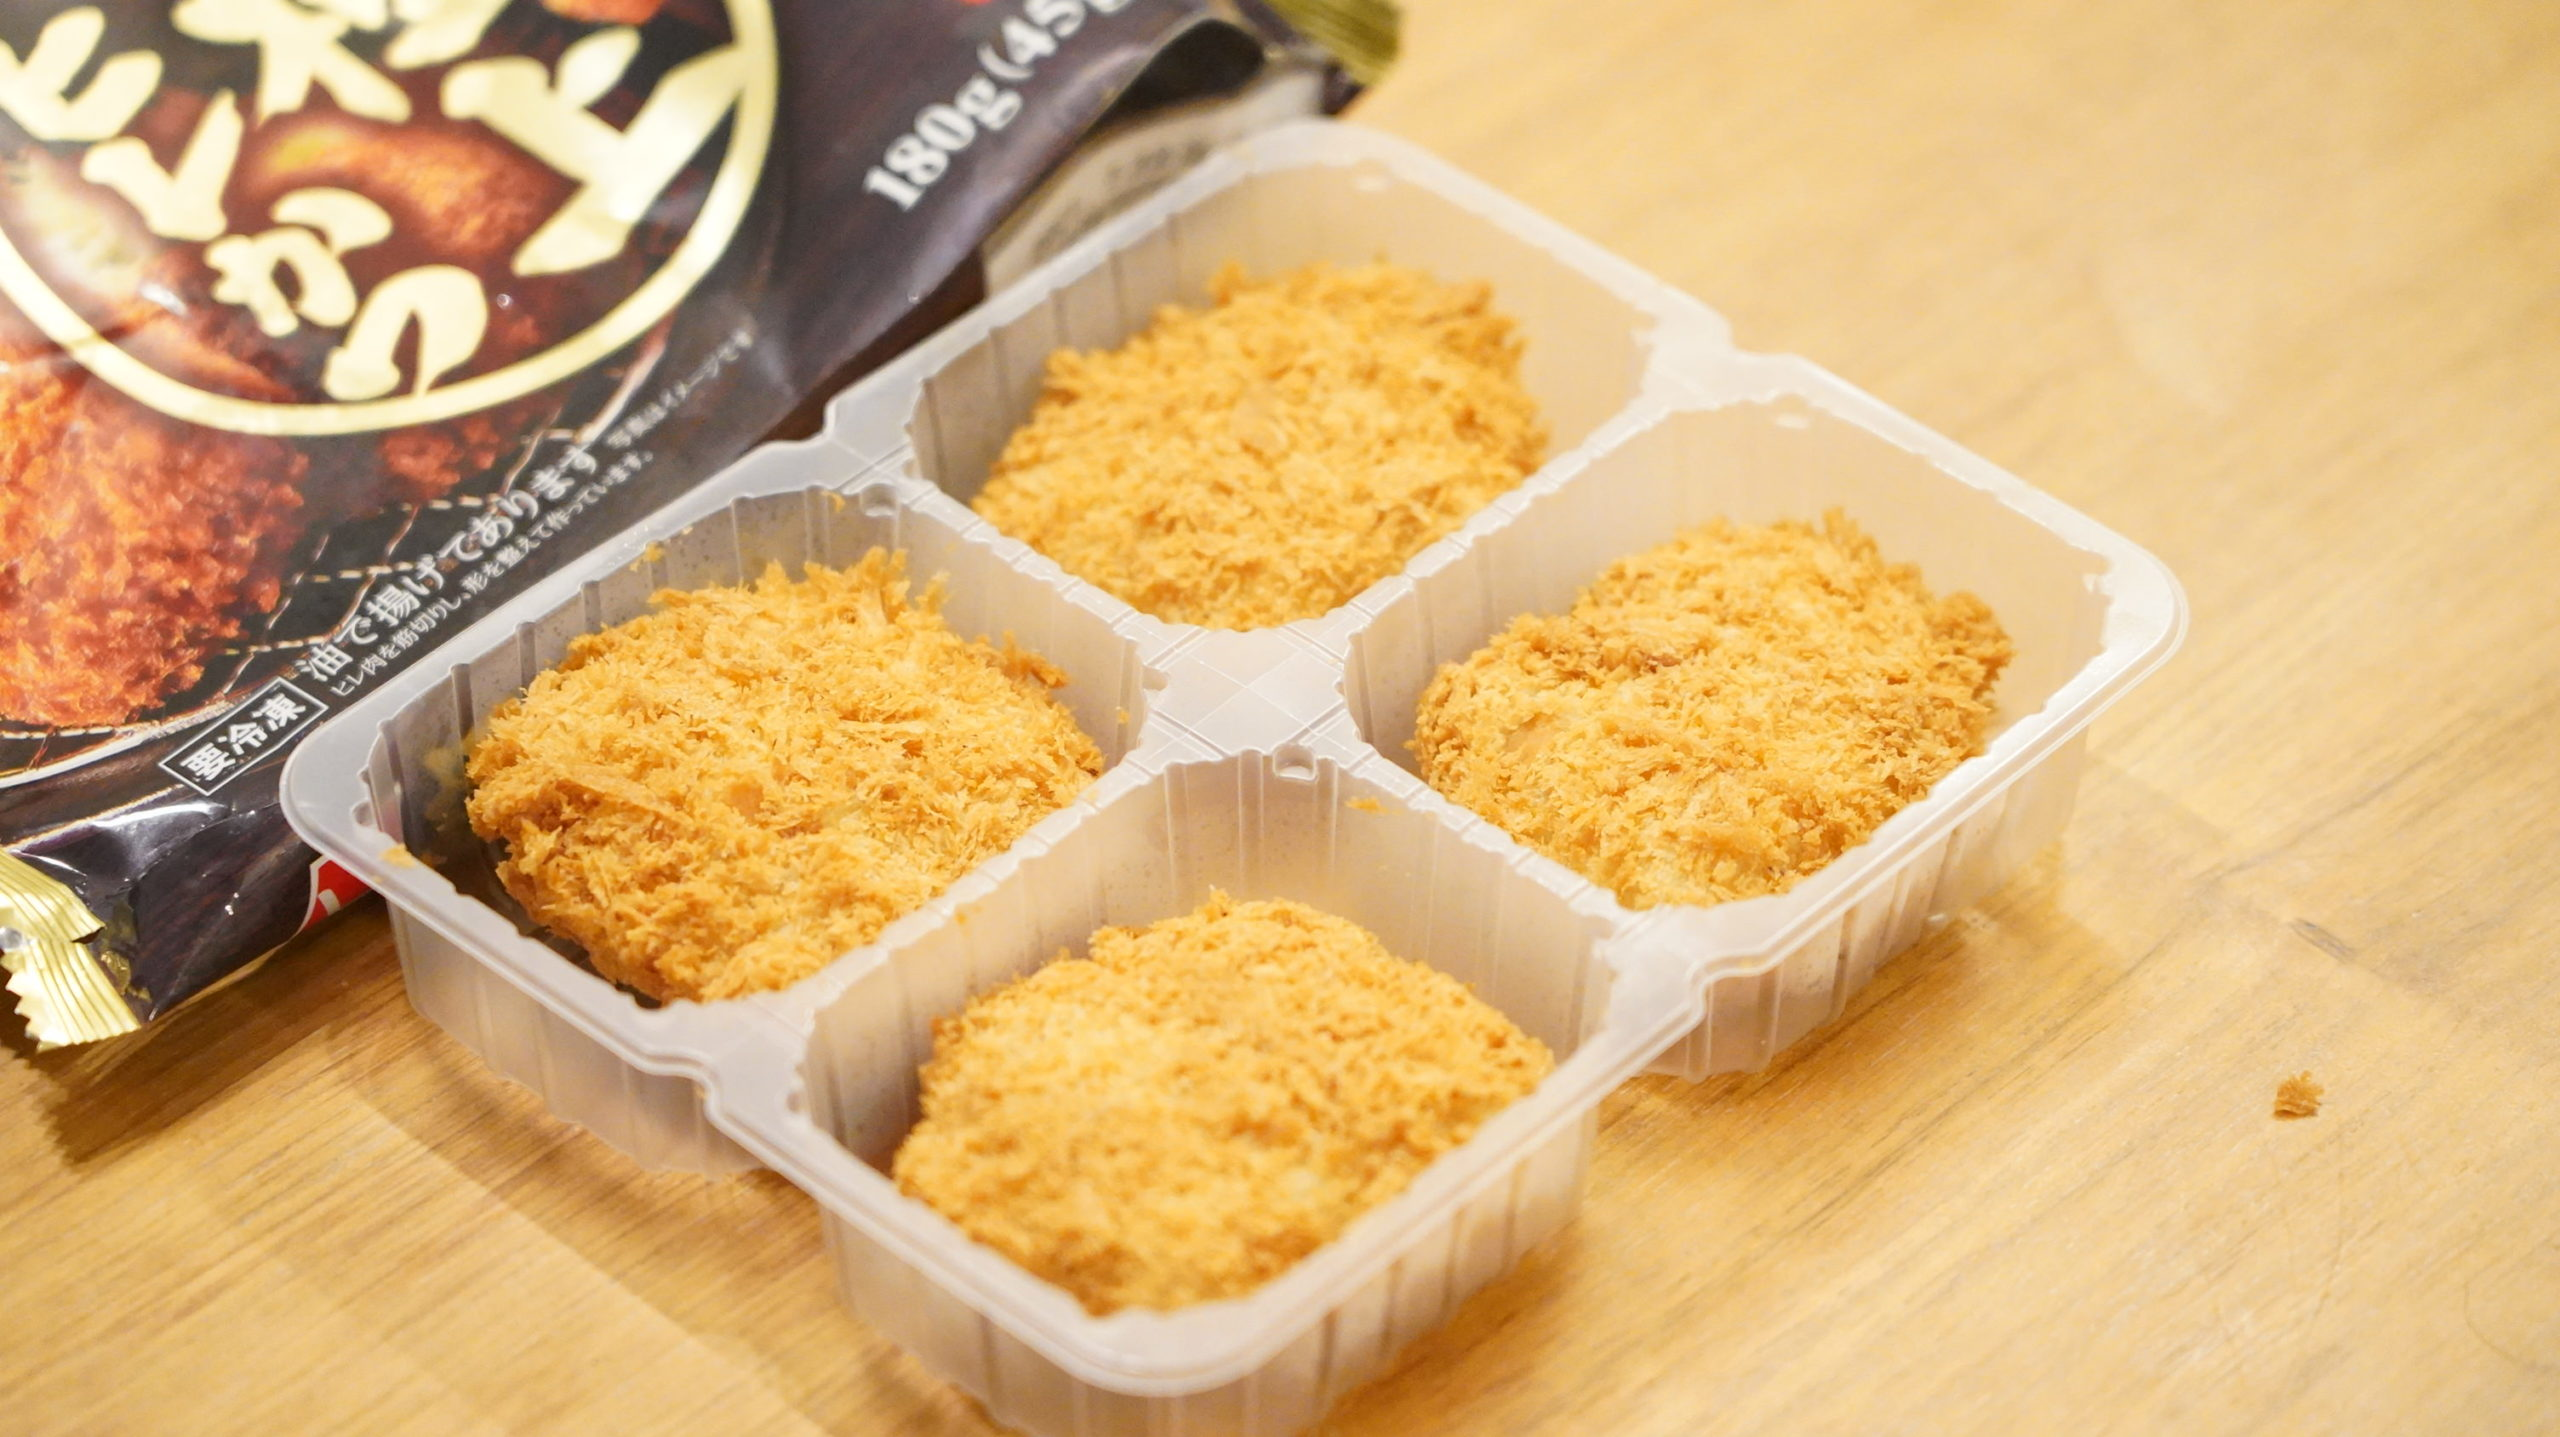 ニチレイの冷凍食品「極上ヒレかつ」の中にヒレかつが4つ入っている写真